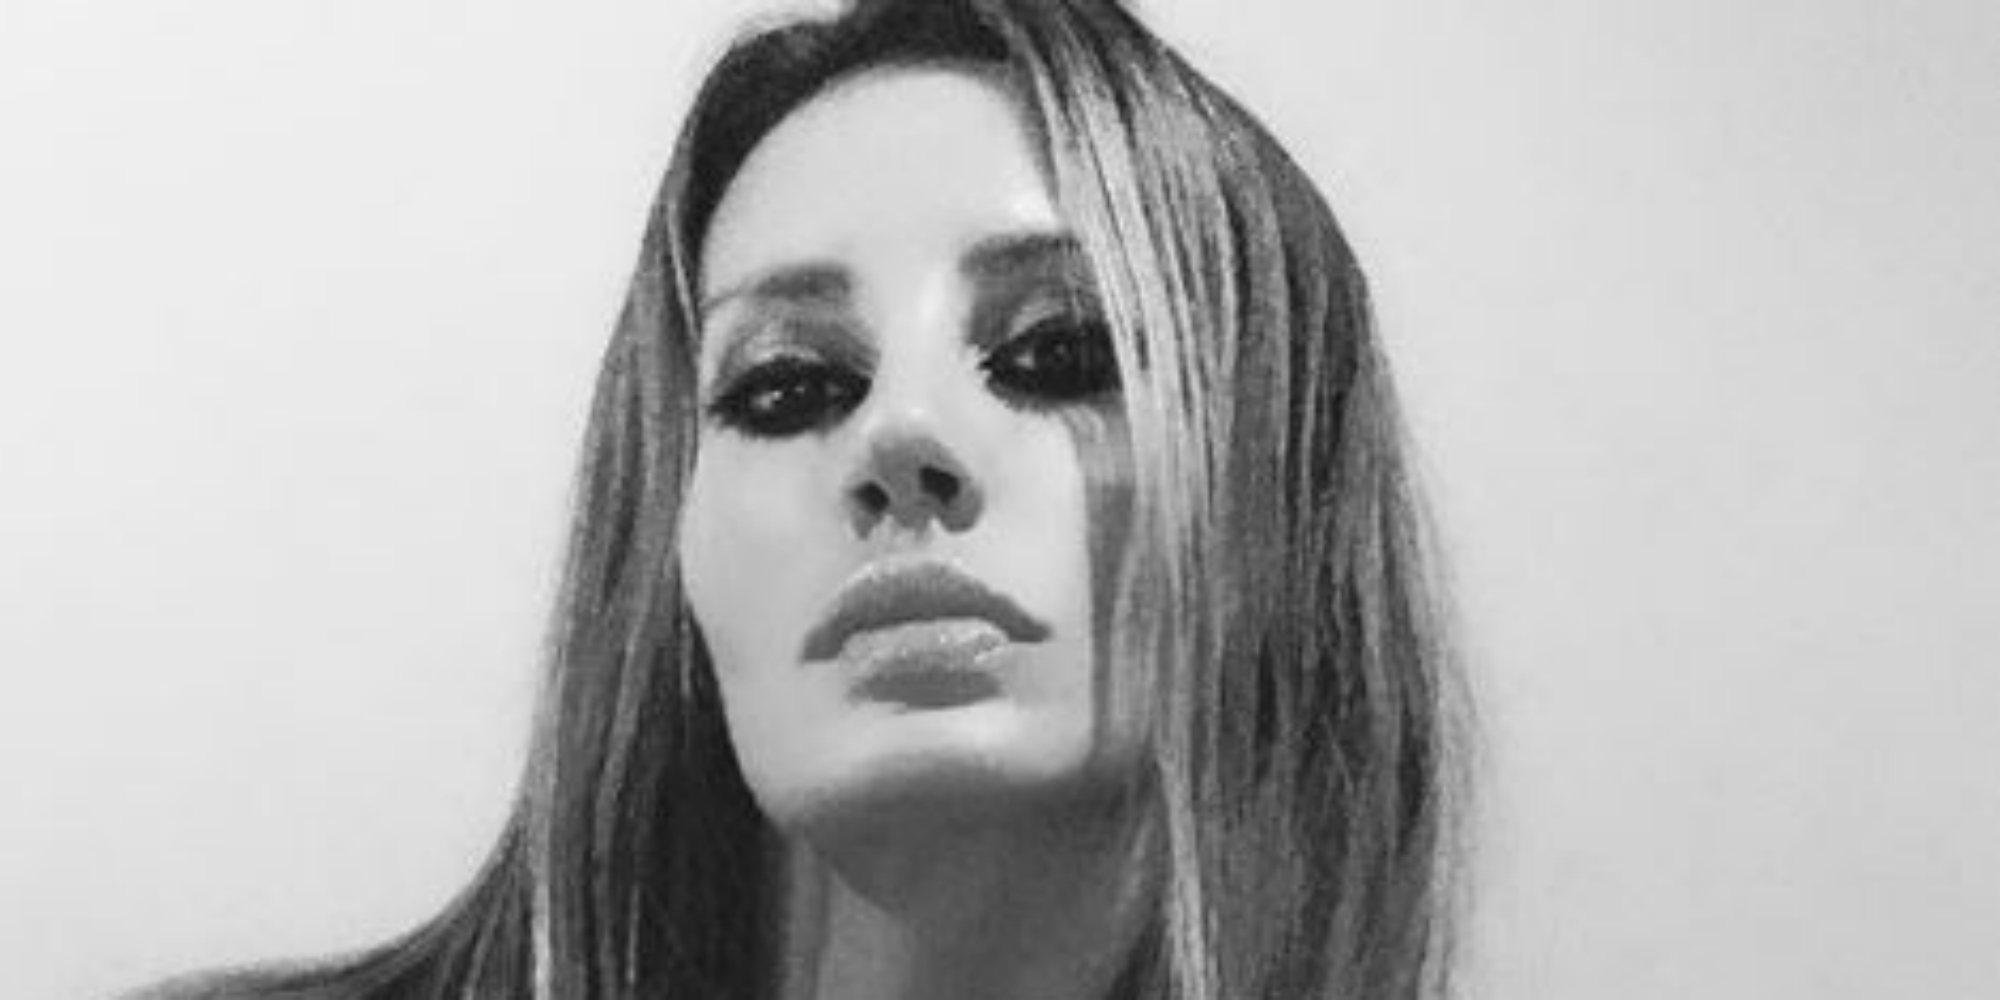 Velaztiqui Duarte desvela los últimos momentos de Natacha Jaitt antes de su muerte